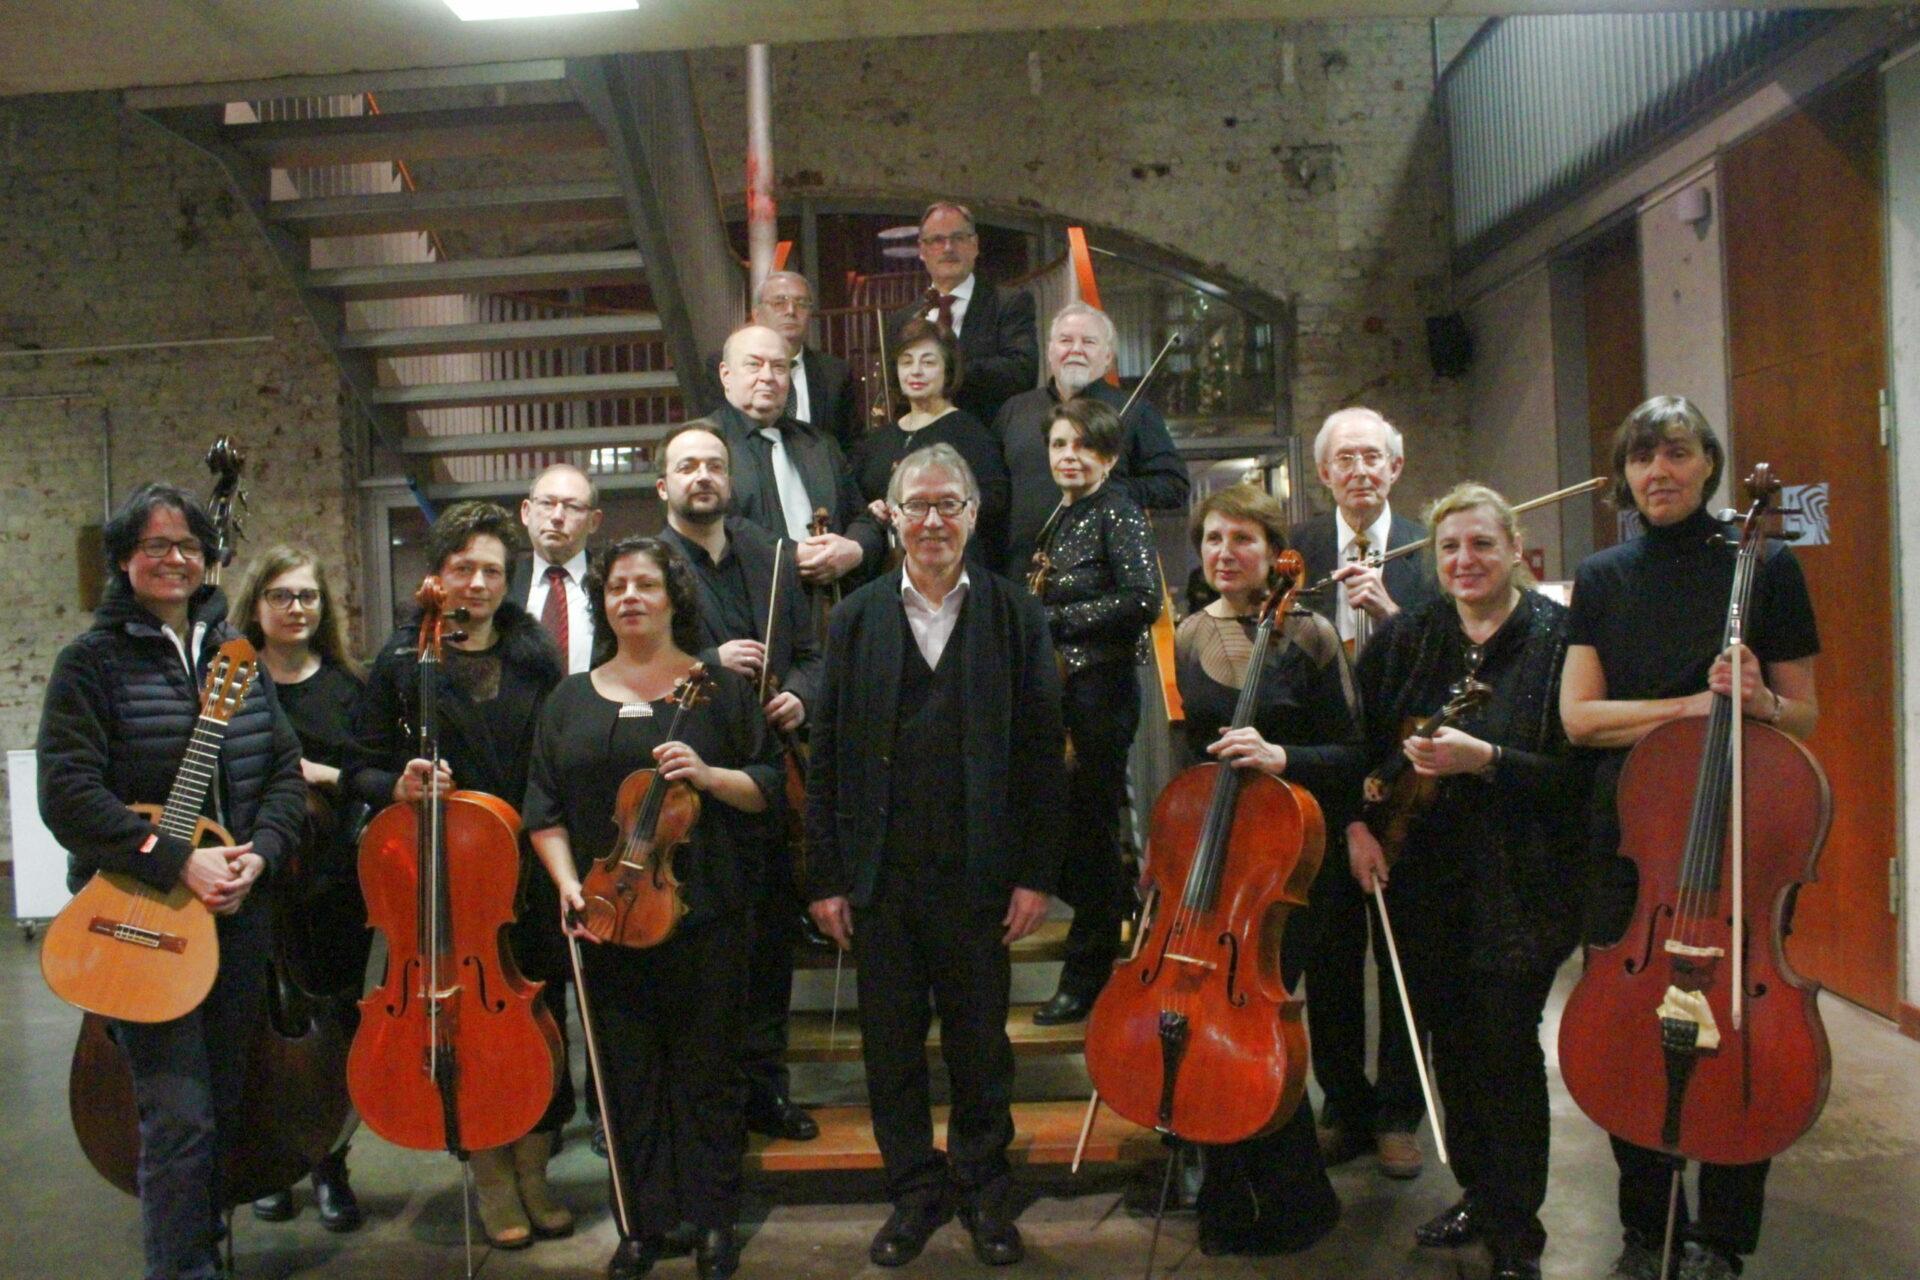 Ruhrstadt Orchester: Kein Weihnachtskonzert – dafür festliche Adventsandacht